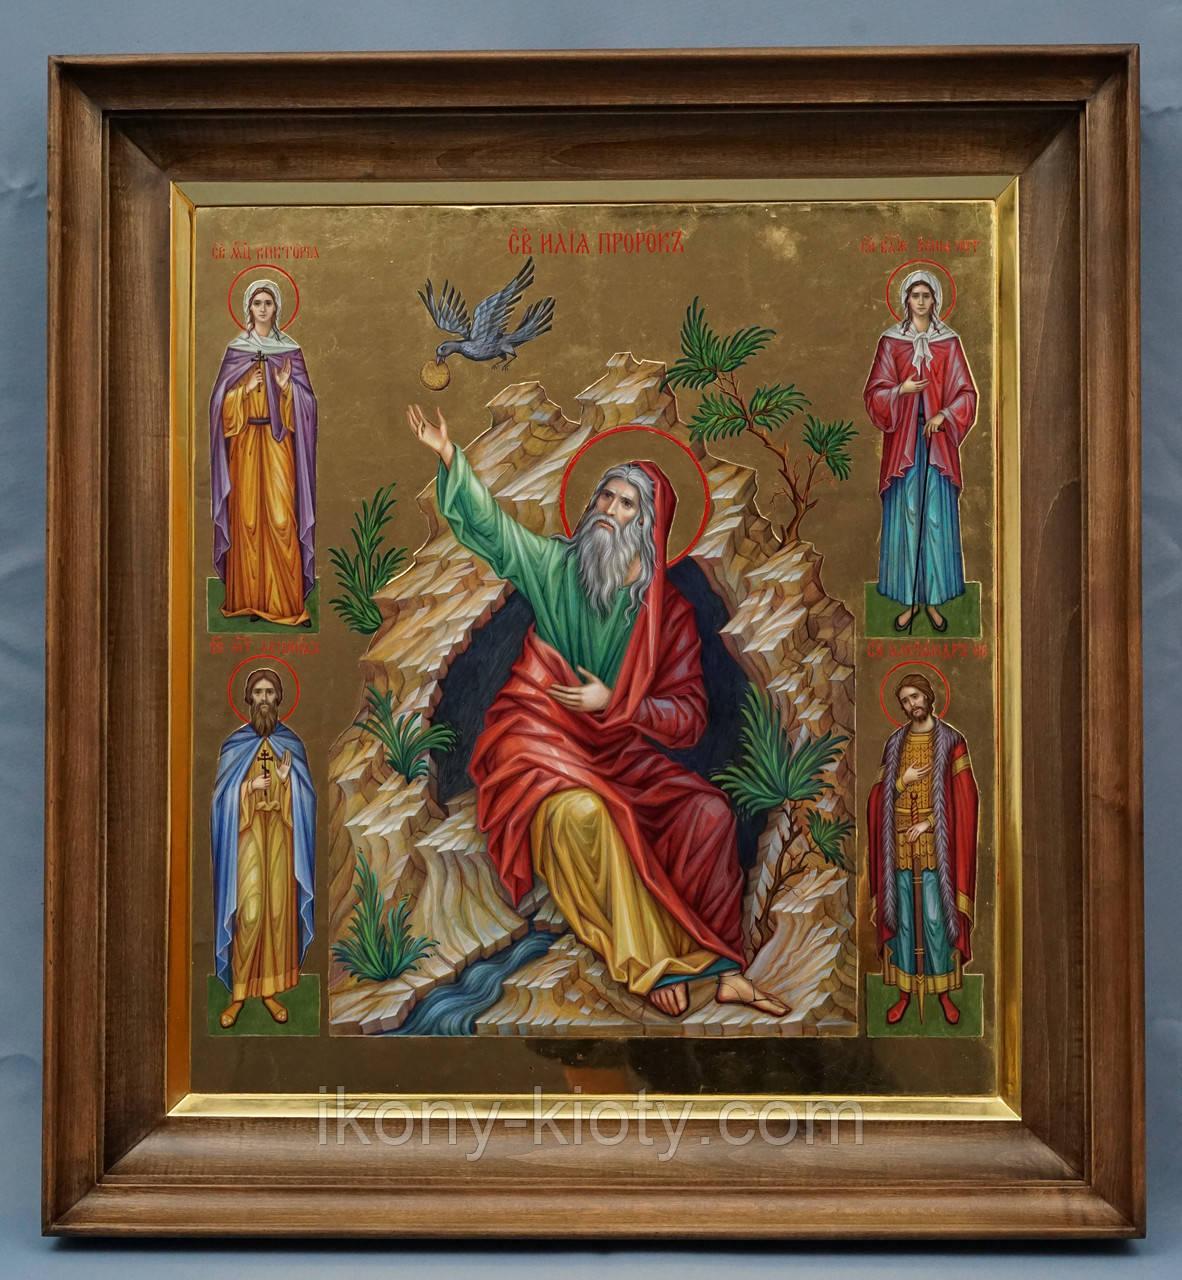 Киот ровный для иконы Святого Пророка Ильи, с деревянной рамой,с золочёным сусальным золотом скосом.